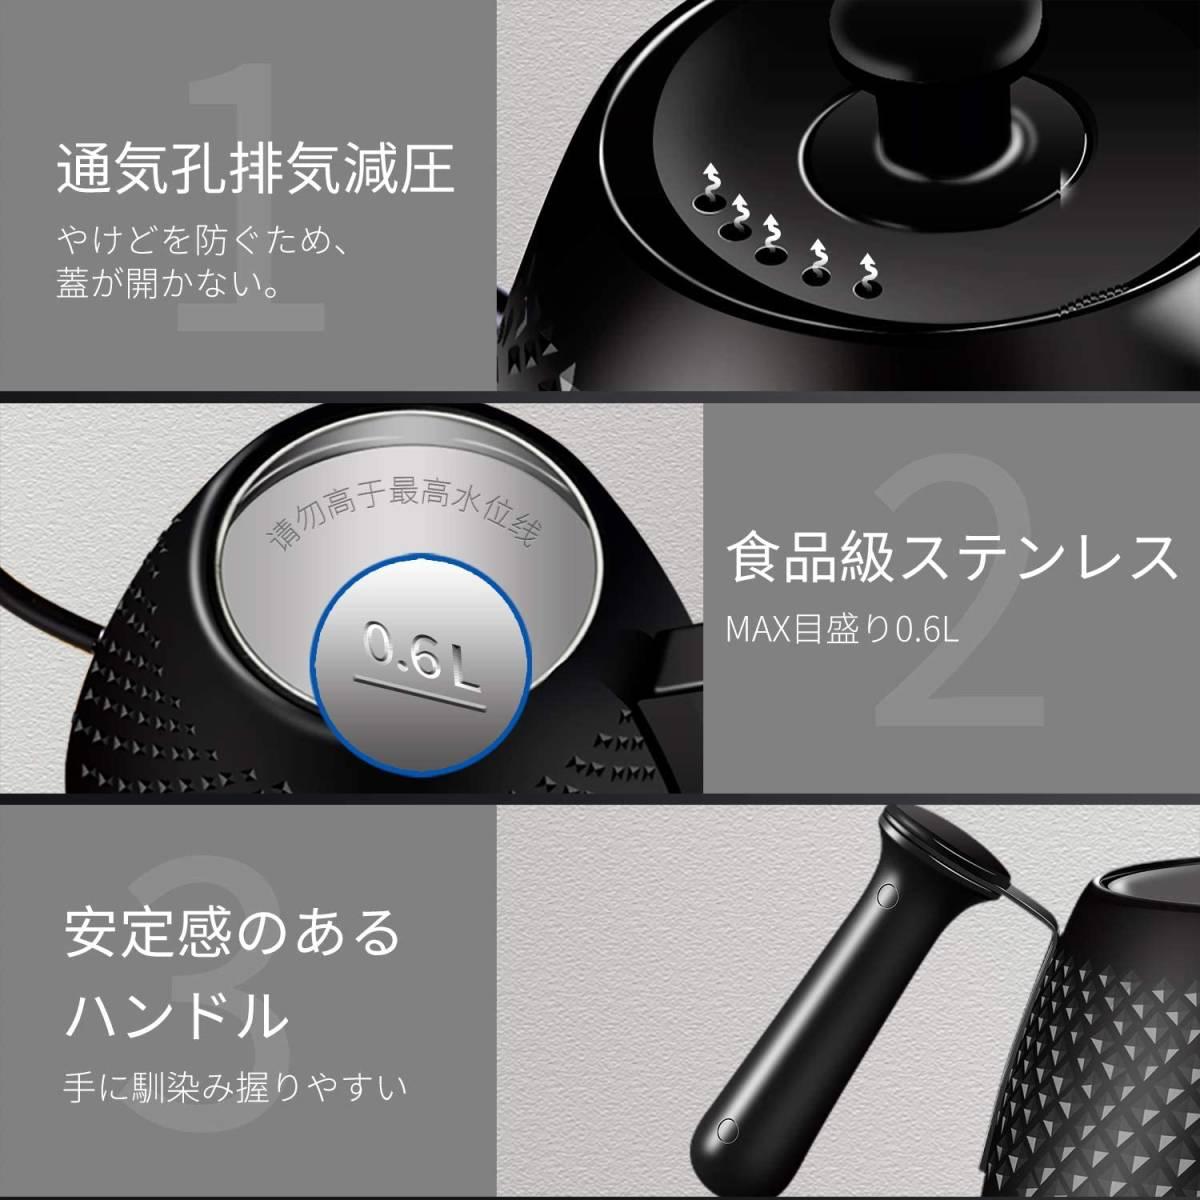 ピンクカフェ お茶 電気ケトル 0.6L 2020最新版 電気ポット ステンレス コーヒー ドリップ ポット 電気やかん 湯沸かしケトル 細口